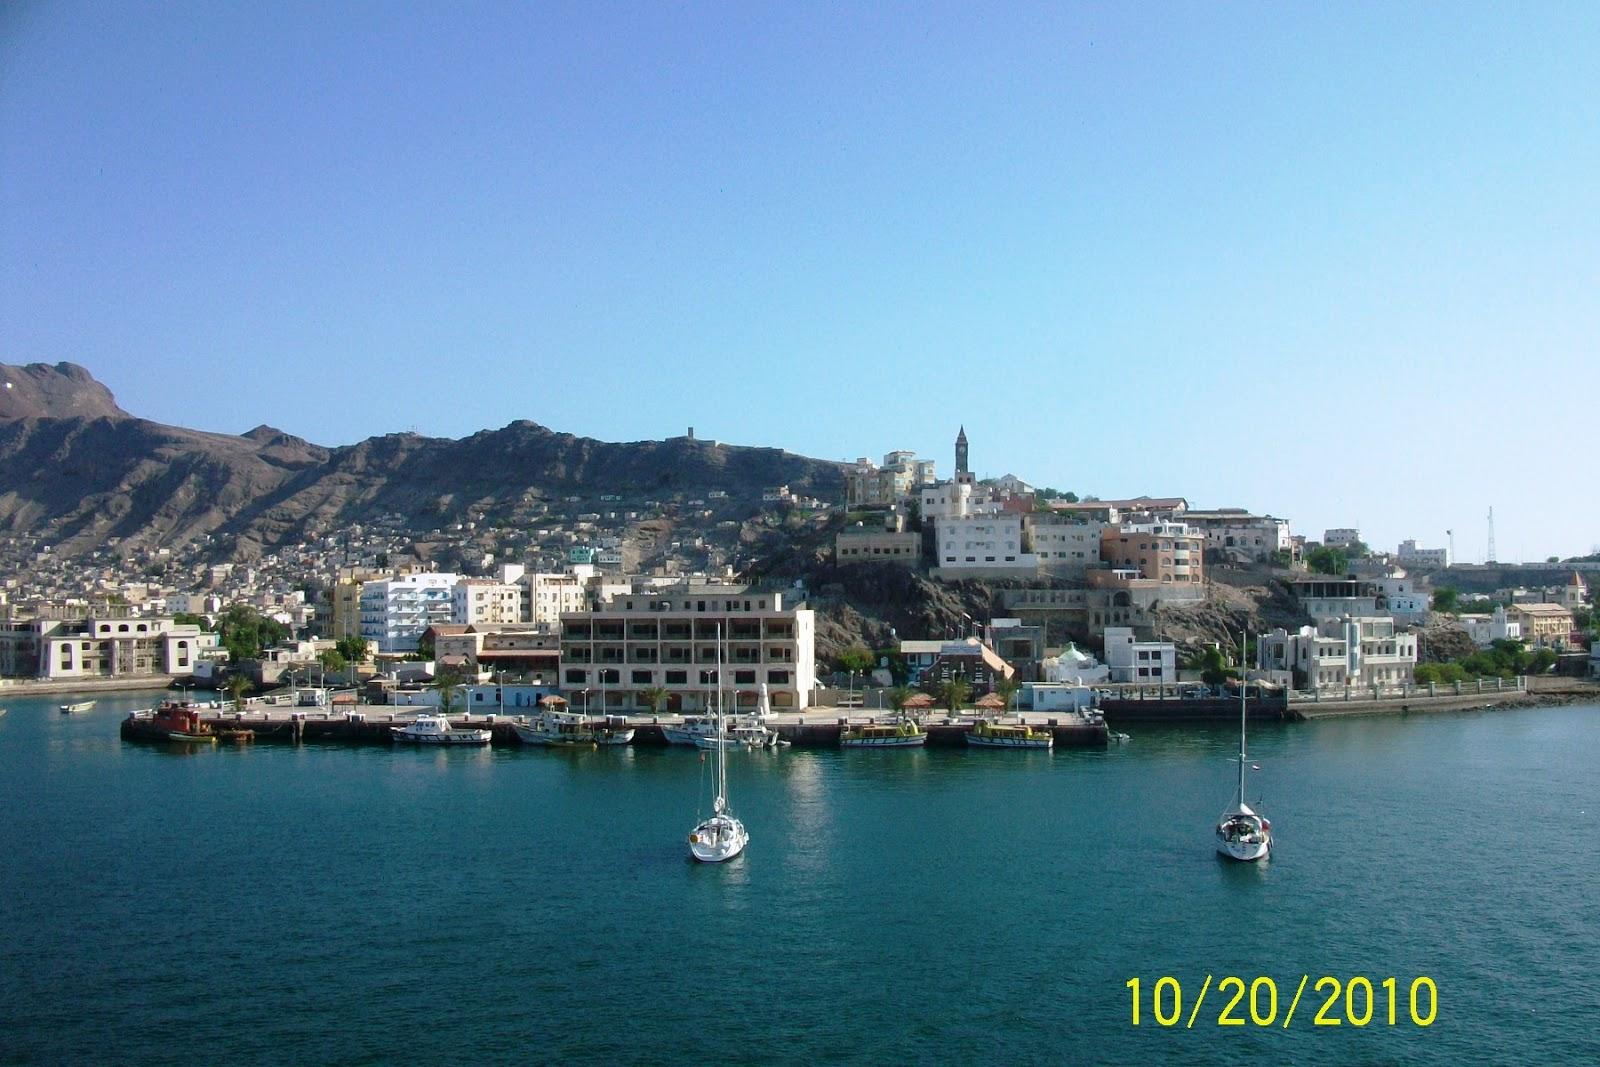 Aden | Cidade Portuária do Iêmen